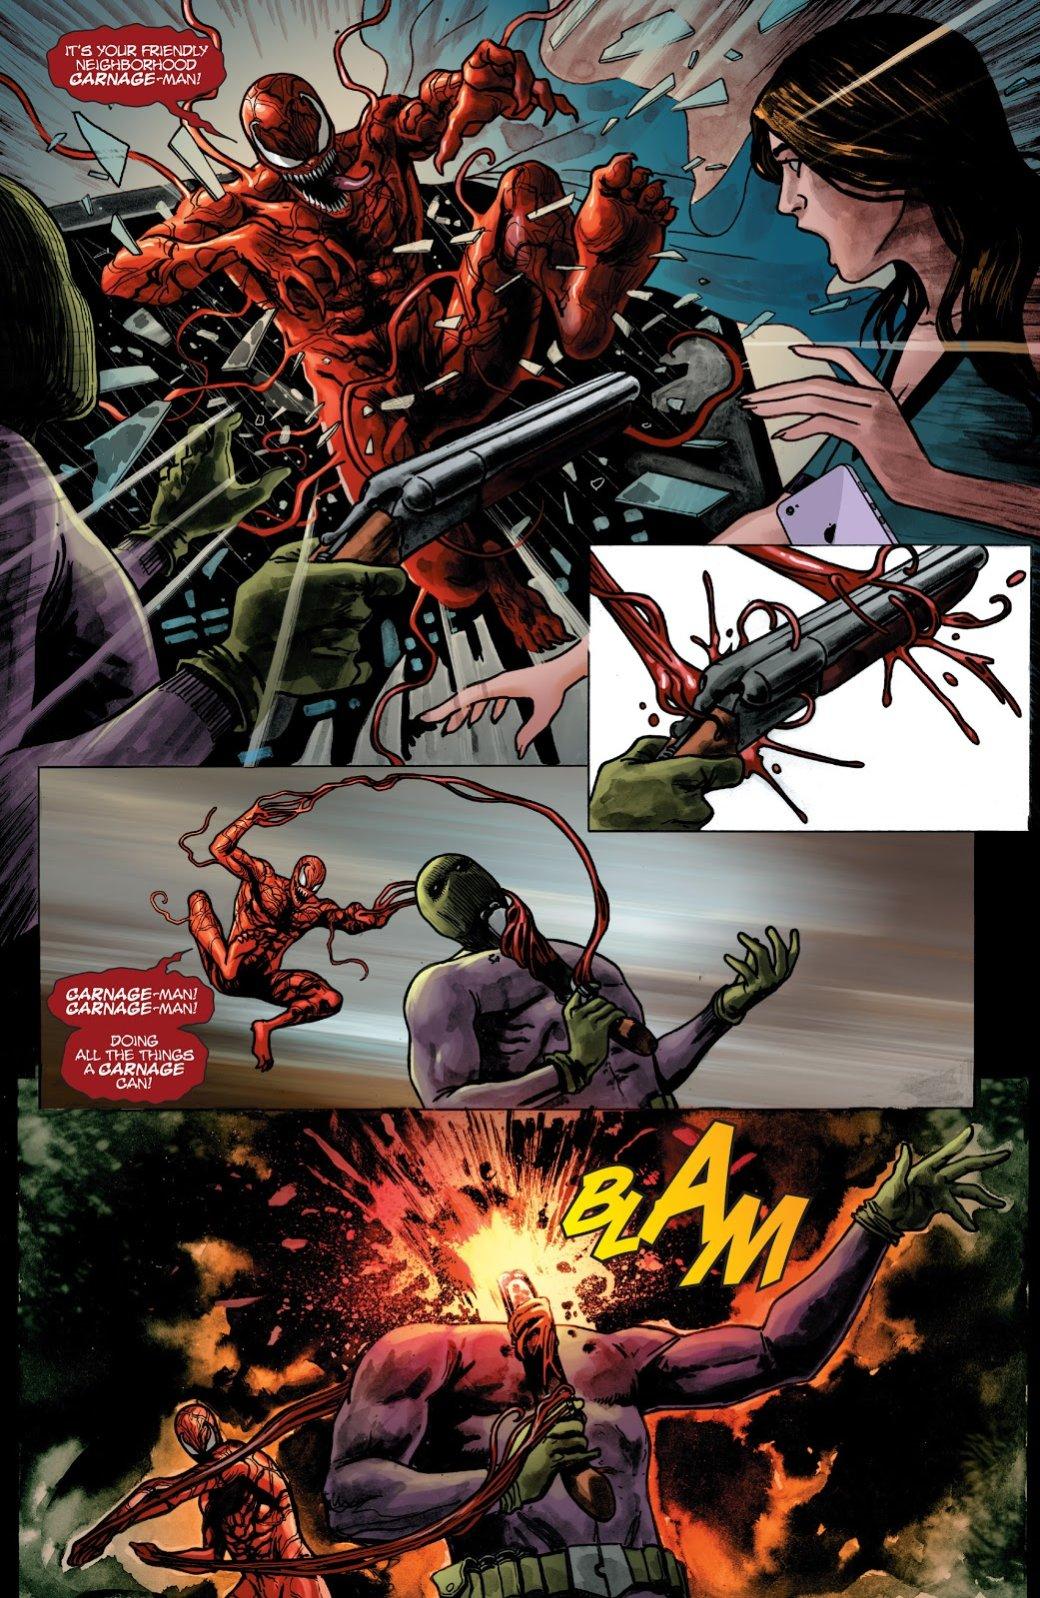 История Карнажа— самого безумного врага Человека-паука | Канобу - Изображение 7